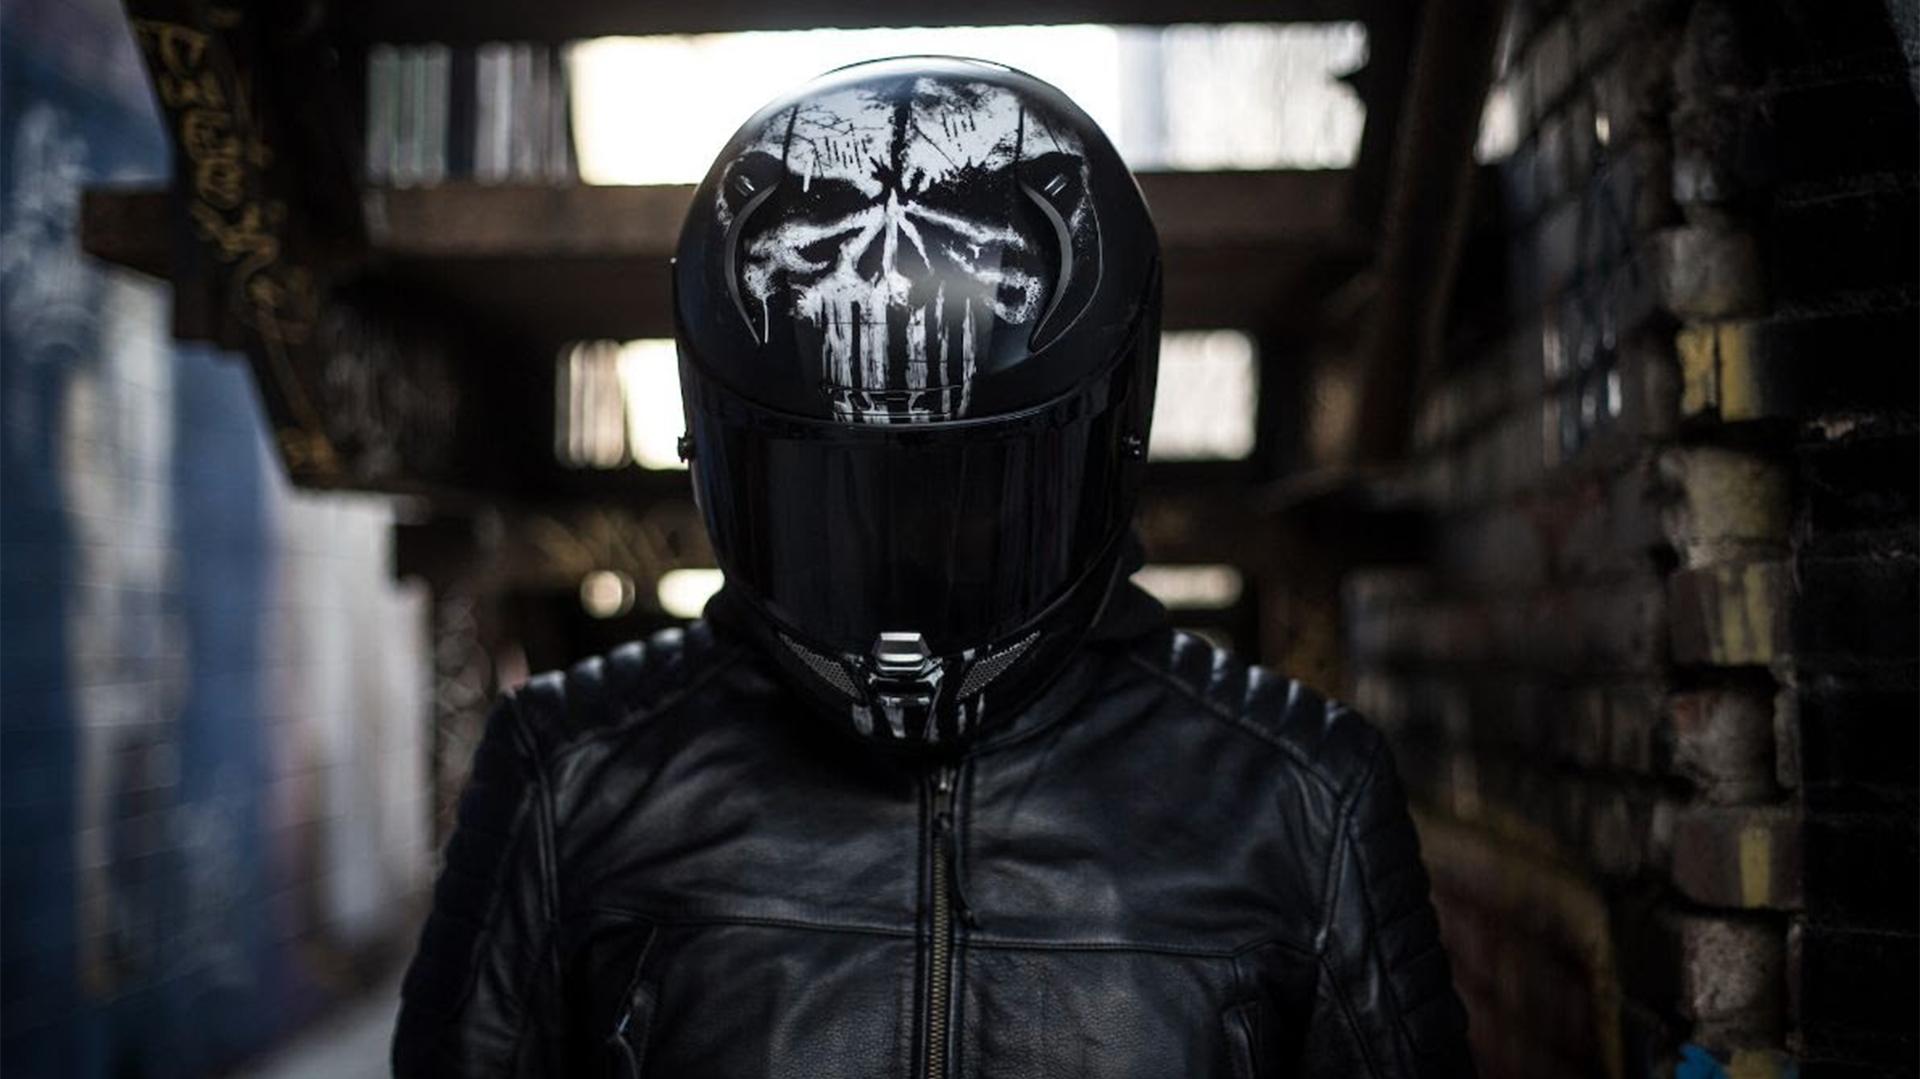 HJC vuelve a poner a la venta la edición especial 'The Punisher' de su casco RPHA 11